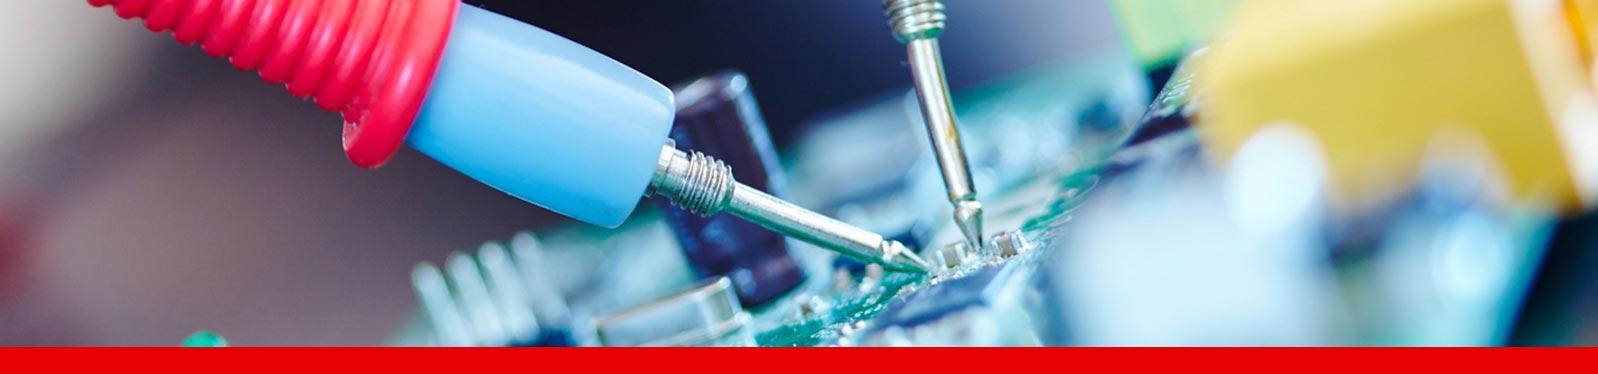 Wir bieten im Rahmen der DGUV V3 Prüfungen auch die Wartung der Schweißgeräte an.